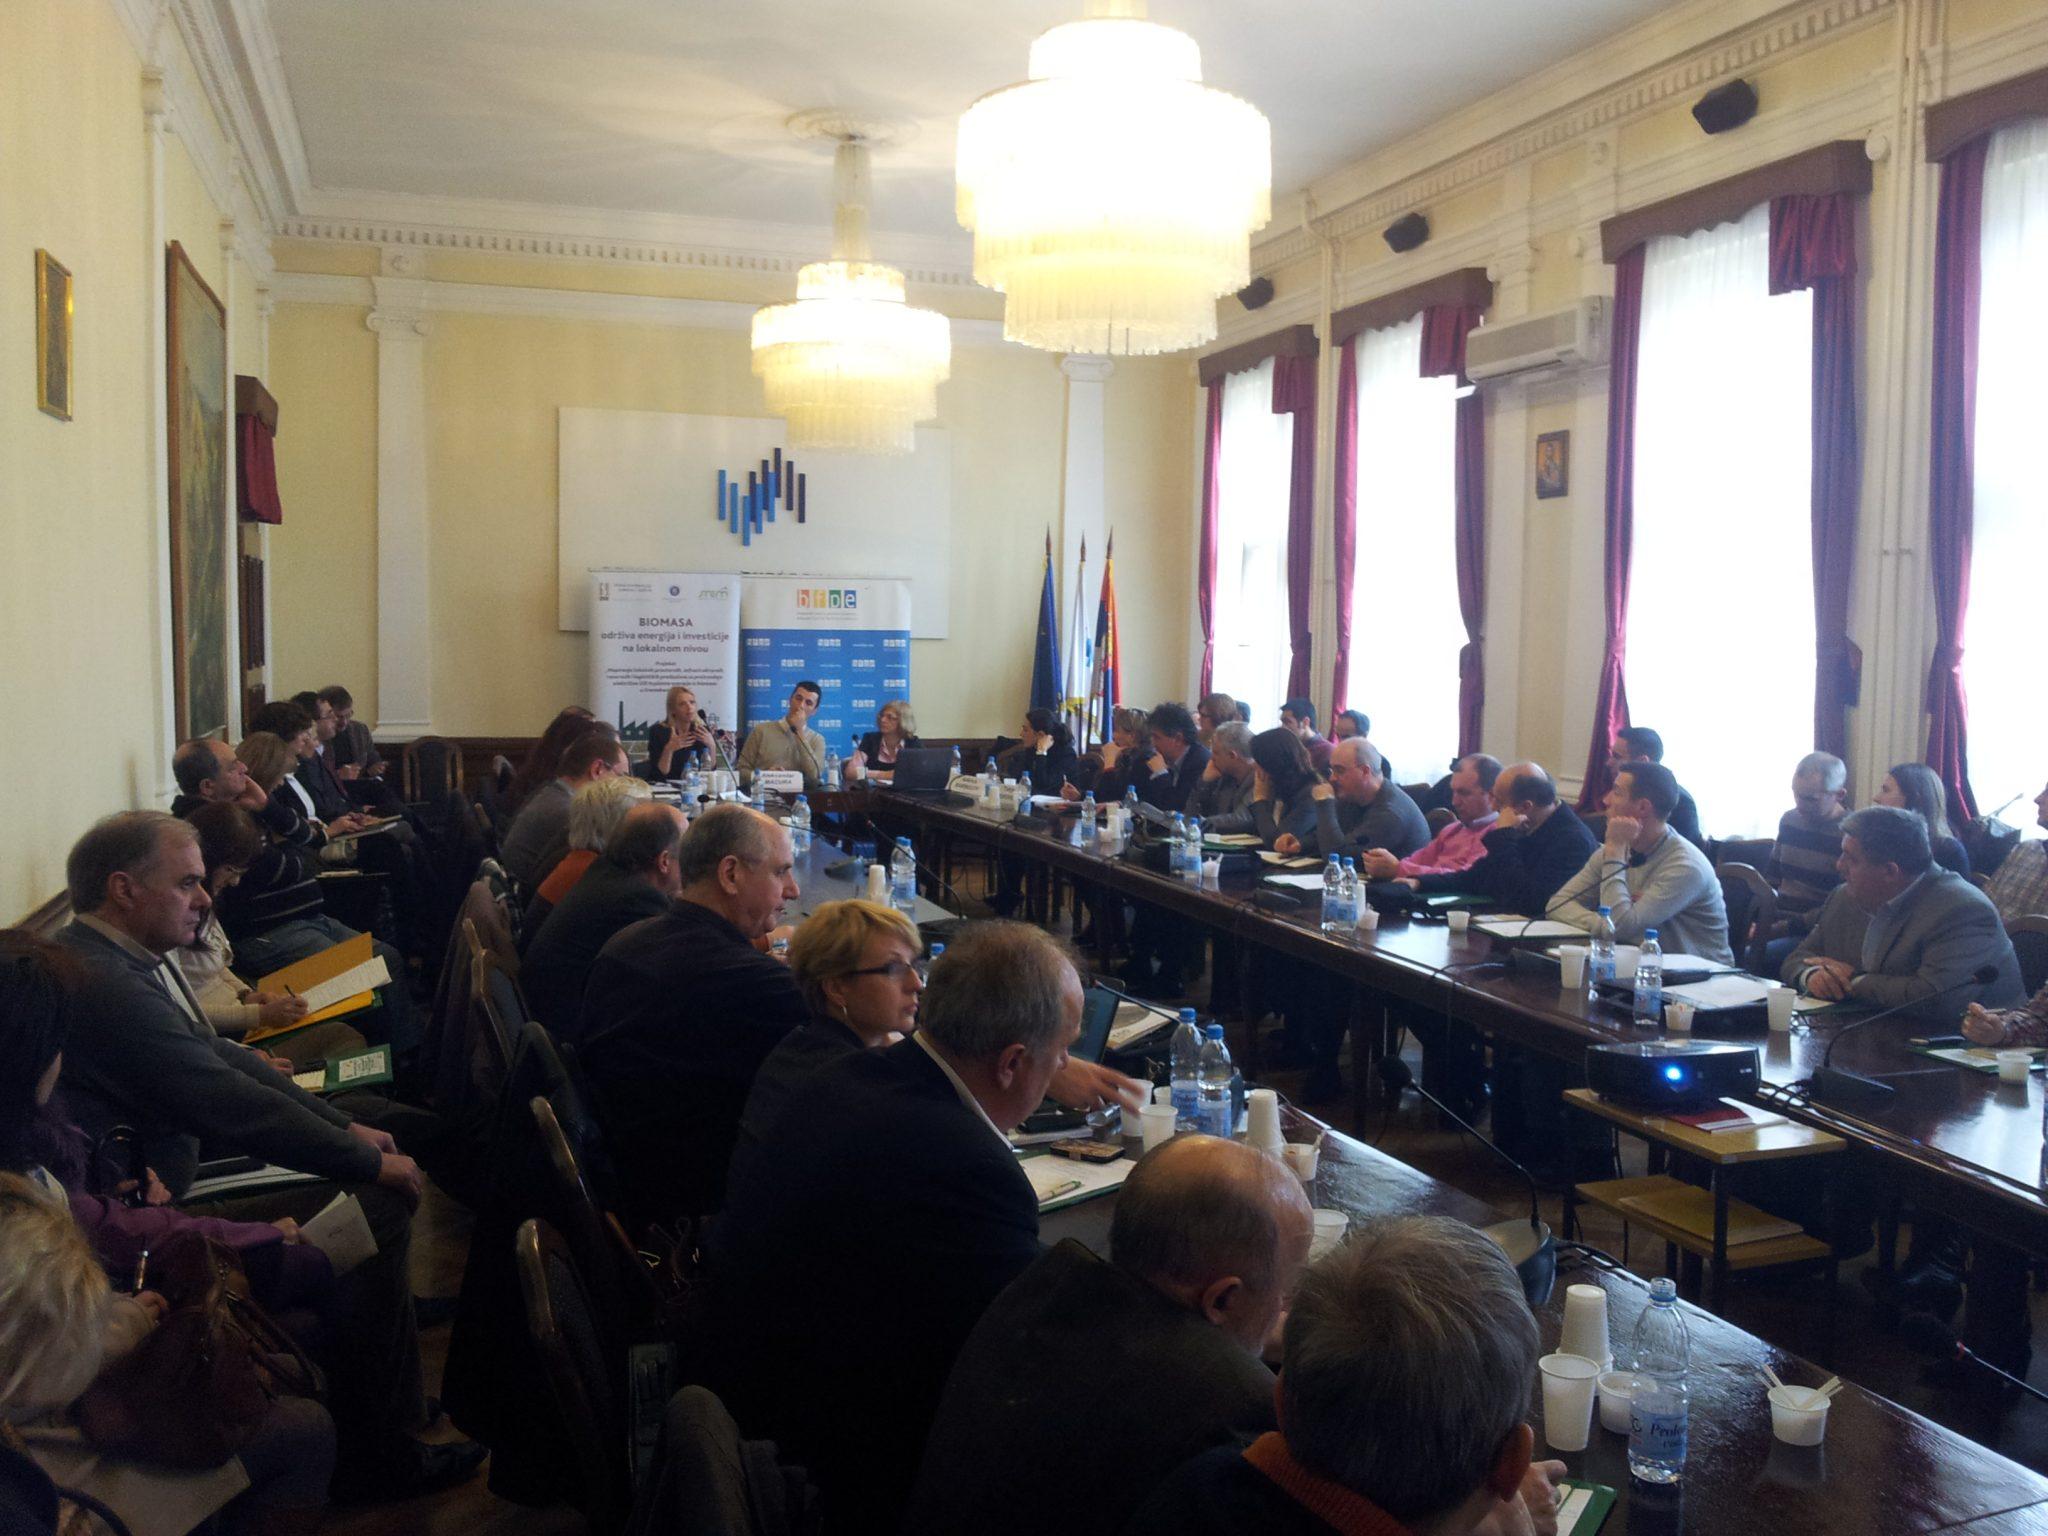 Velika zainteresovanost za projekte javno-privatnog partnerstva u komunalnim delatnostima